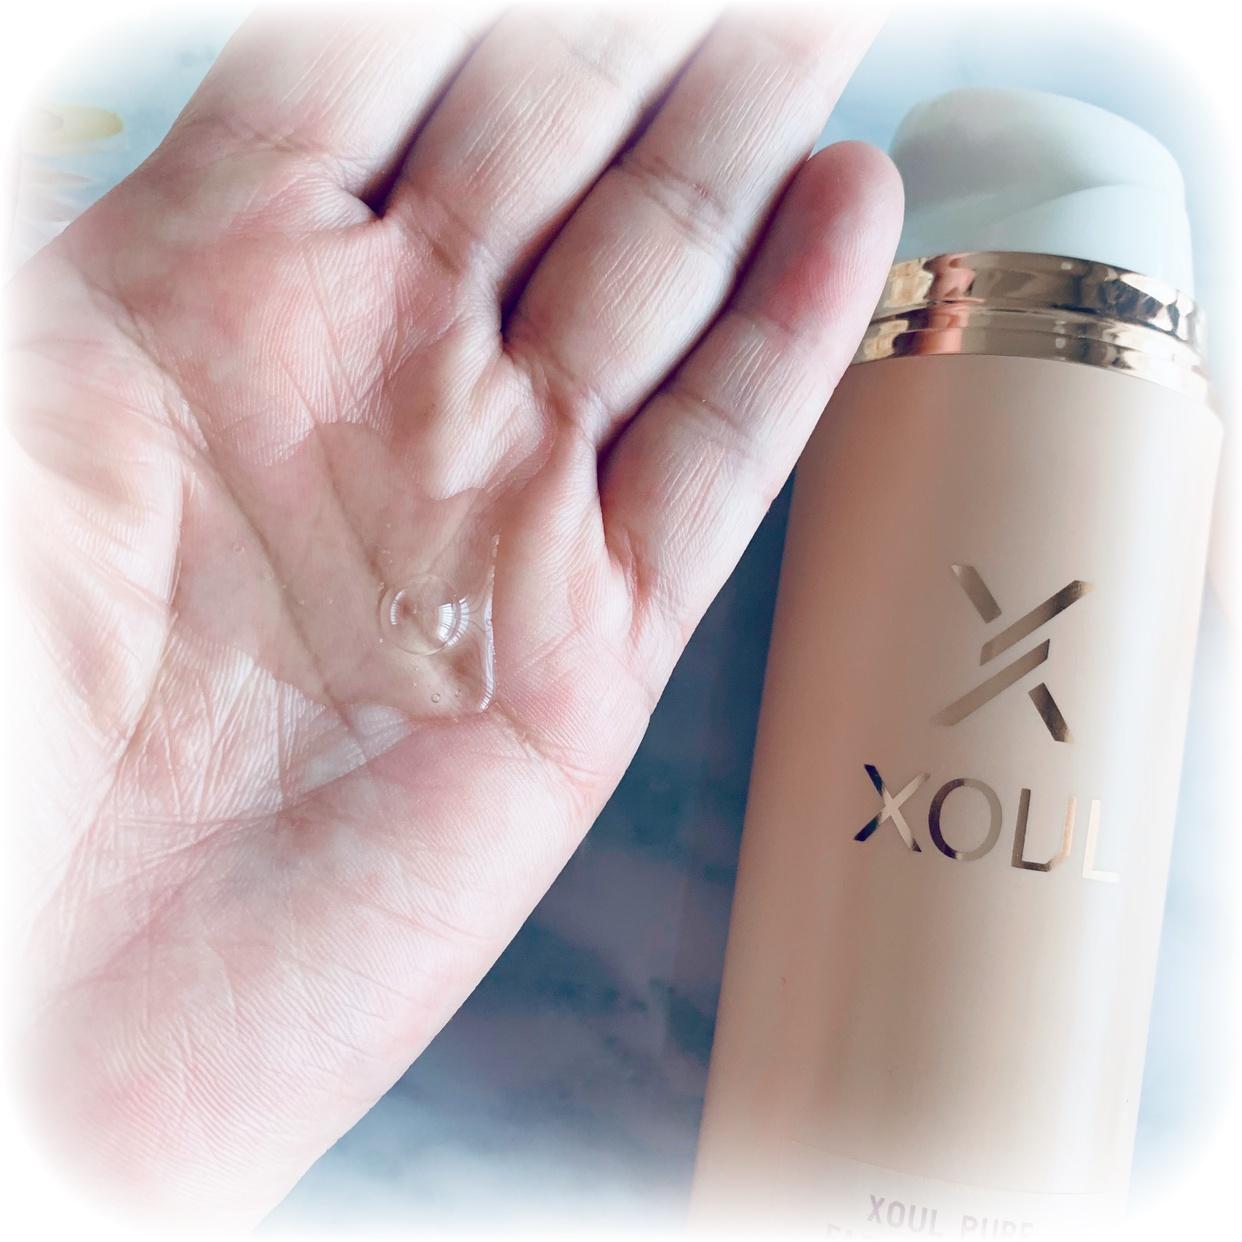 XOUL(ソウル) ピュアフェイスウォッシュジェルを使ったsnowmiさんのクチコミ画像2